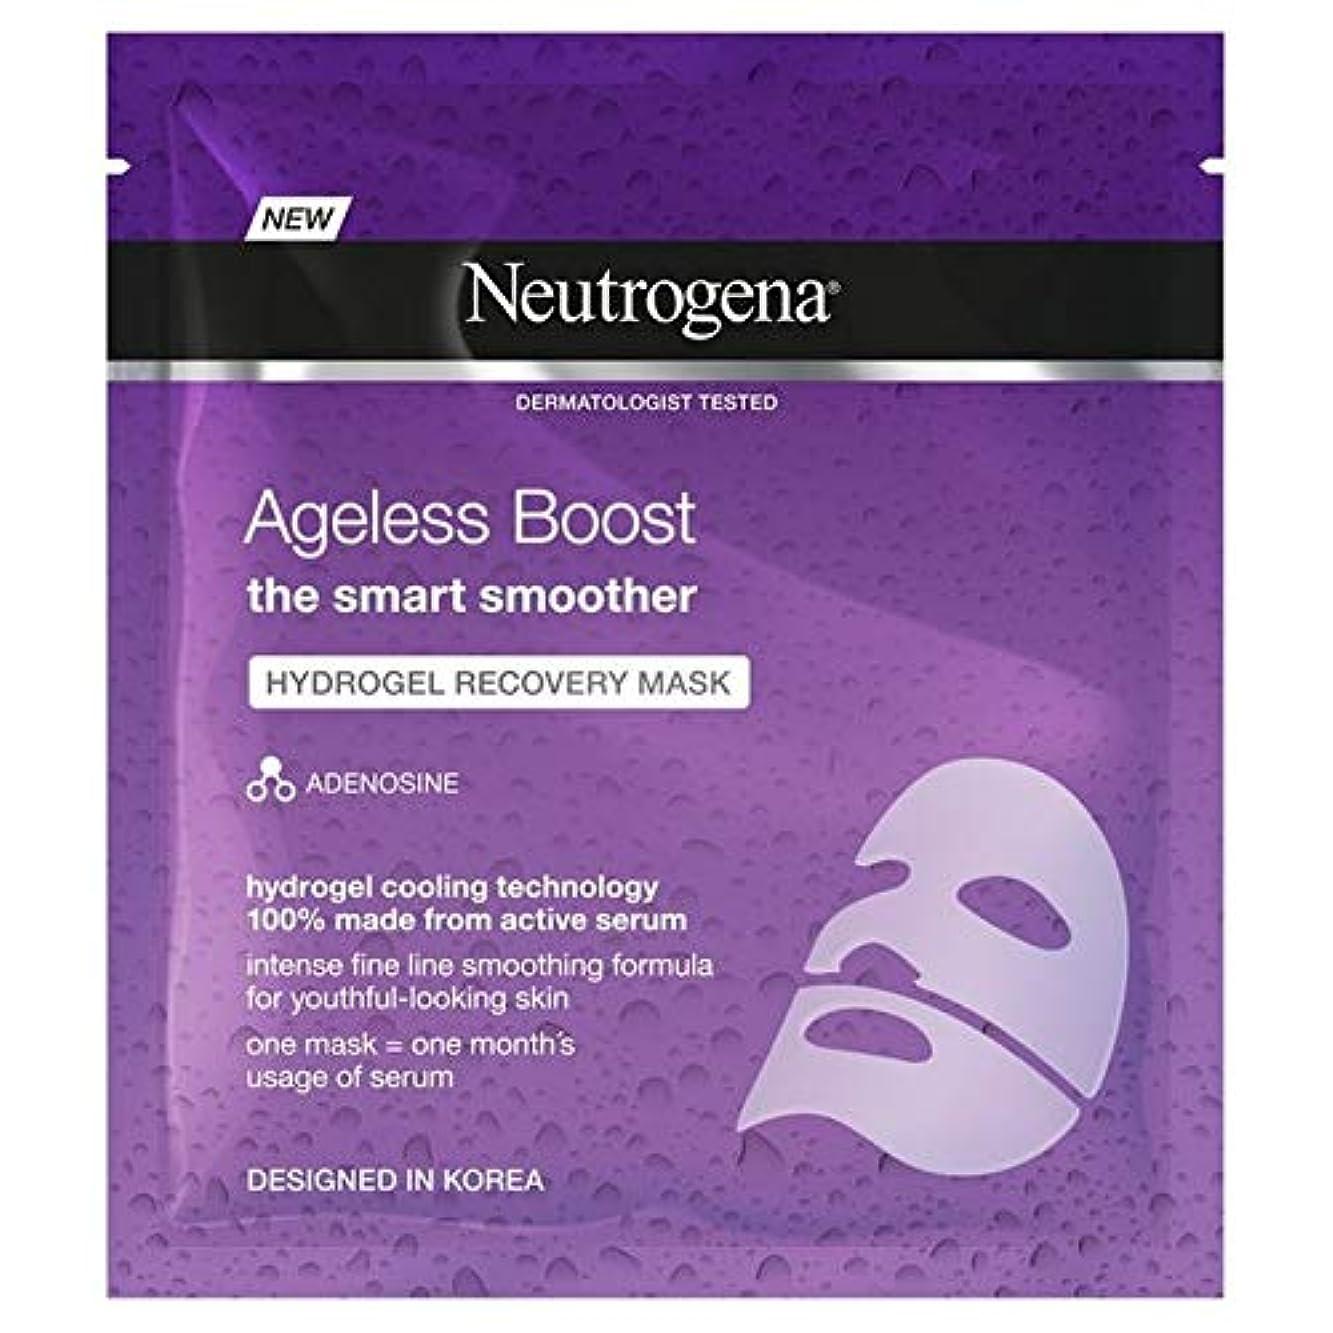 簡単なシリアル重要な役割を果たす、中心的な手段となる[Neutrogena] ニュートロジーナ永遠ブーストハイドロゲルマスク30ミリリットル - Neutrogena Ageless Boost Hydrogel Mask 30ml [並行輸入品]